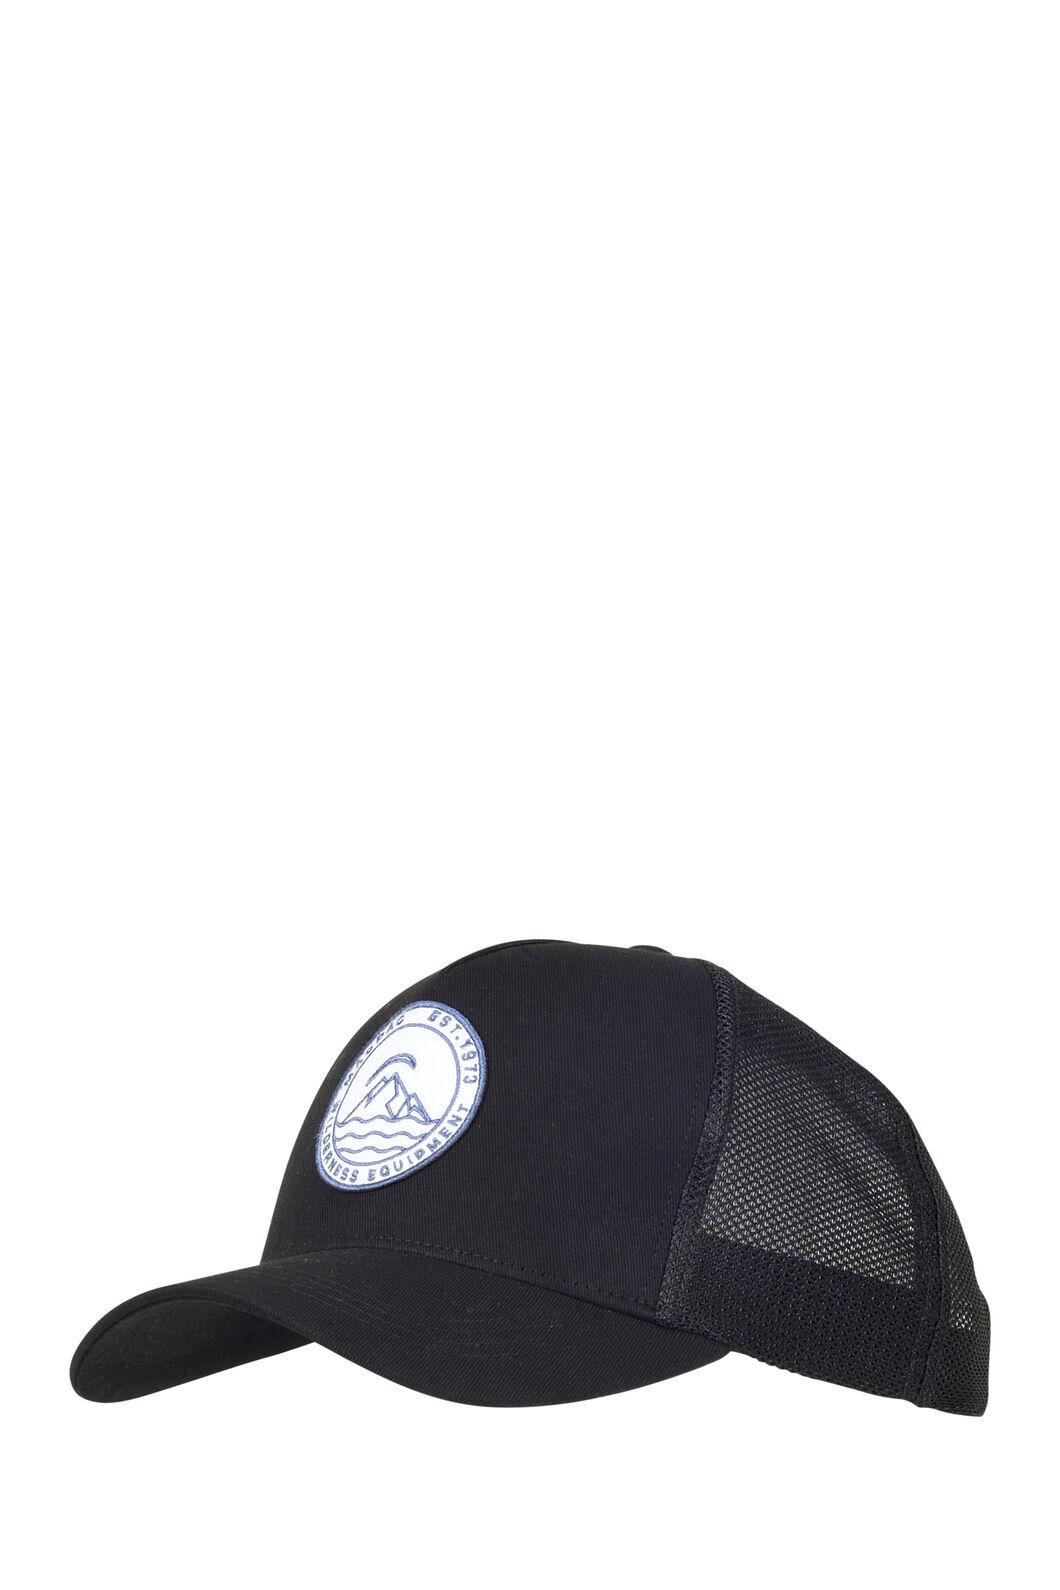 Macpac Trucker Cap, Black, hi-res